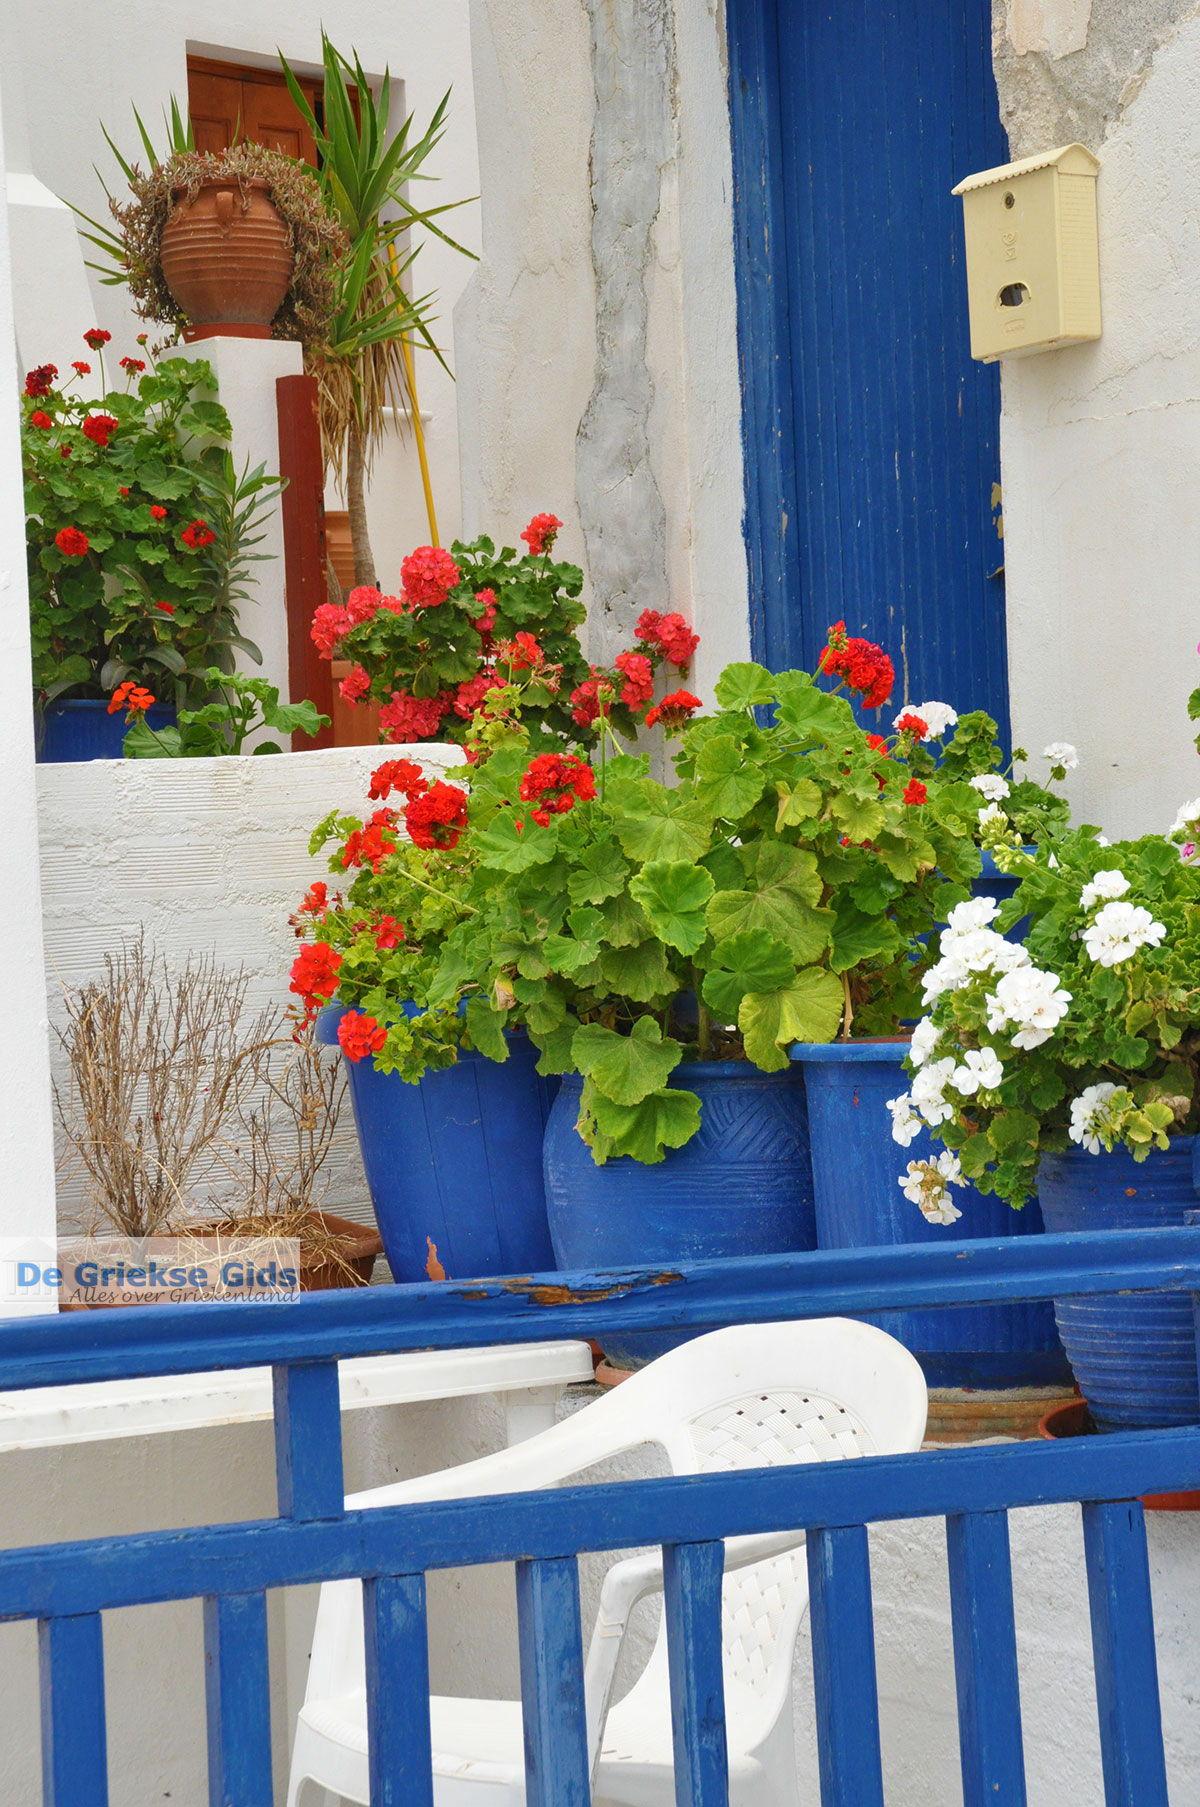 foto Naxos stad - Cycladen Griekenland - nr 214